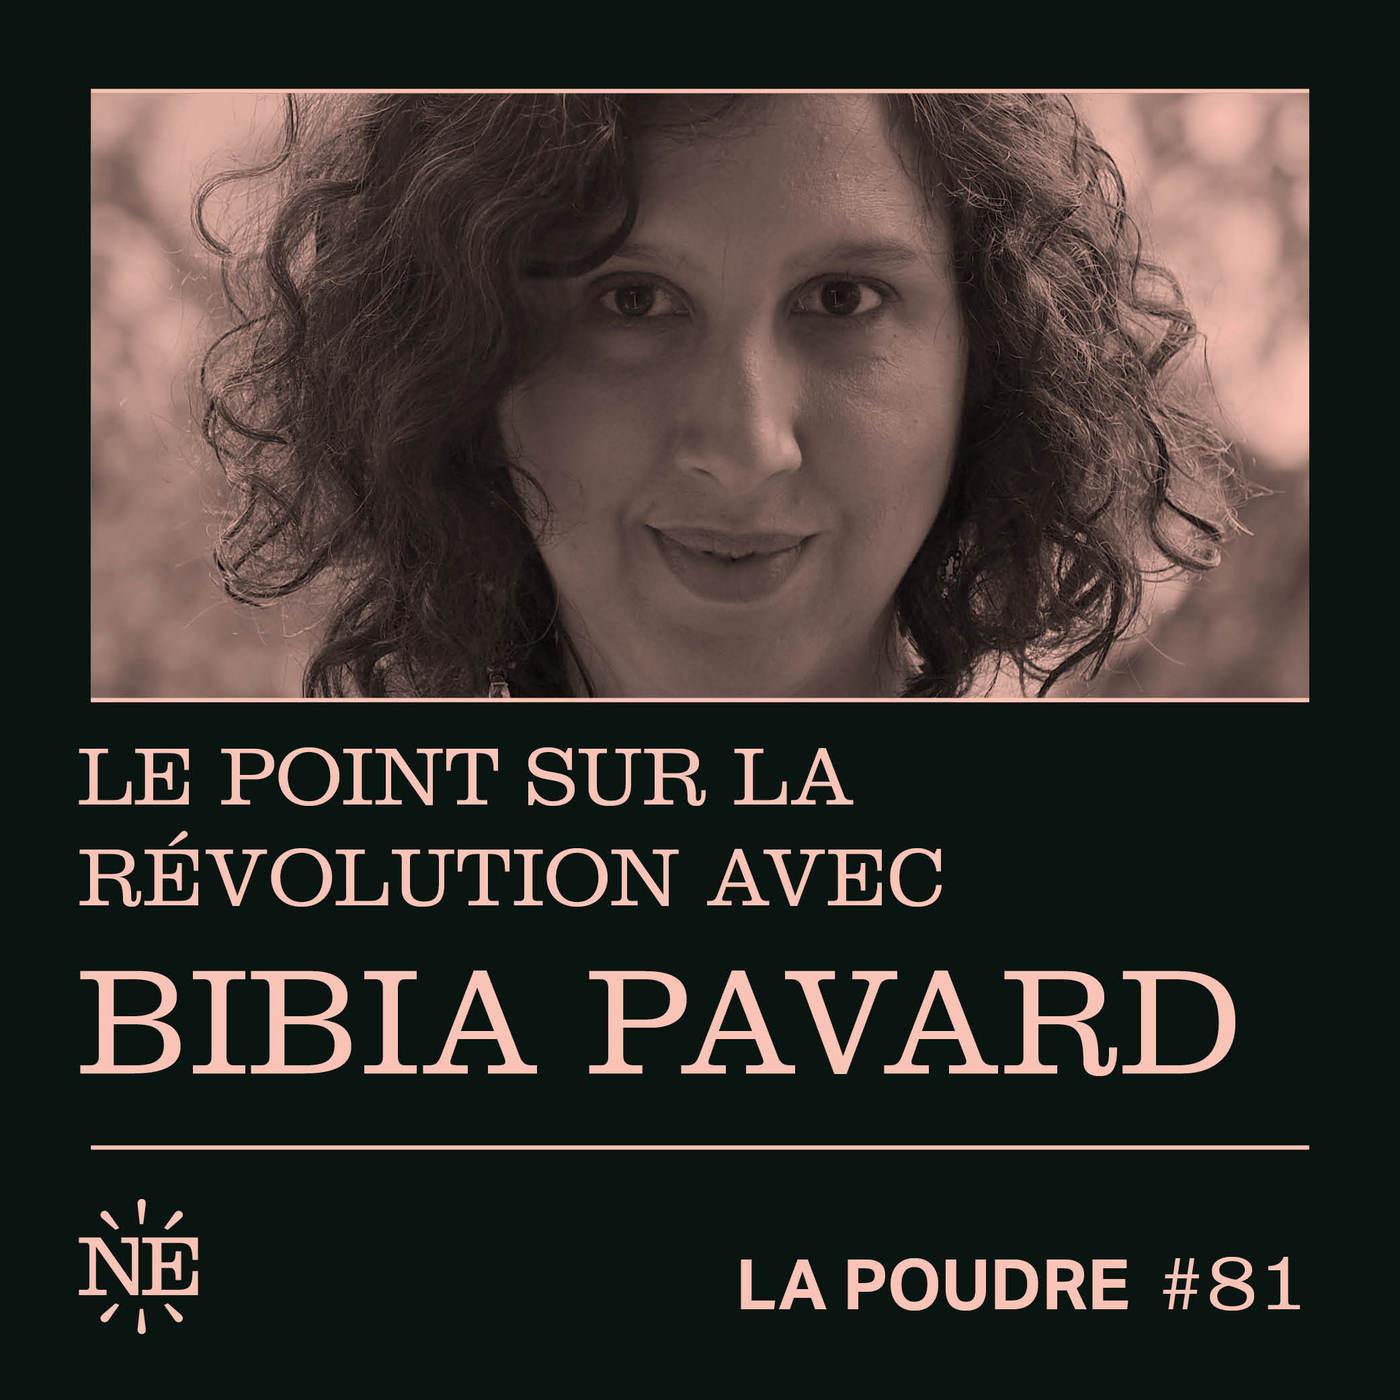 Épisode 81 - Le point sur la révolution avec Bibia Pavard